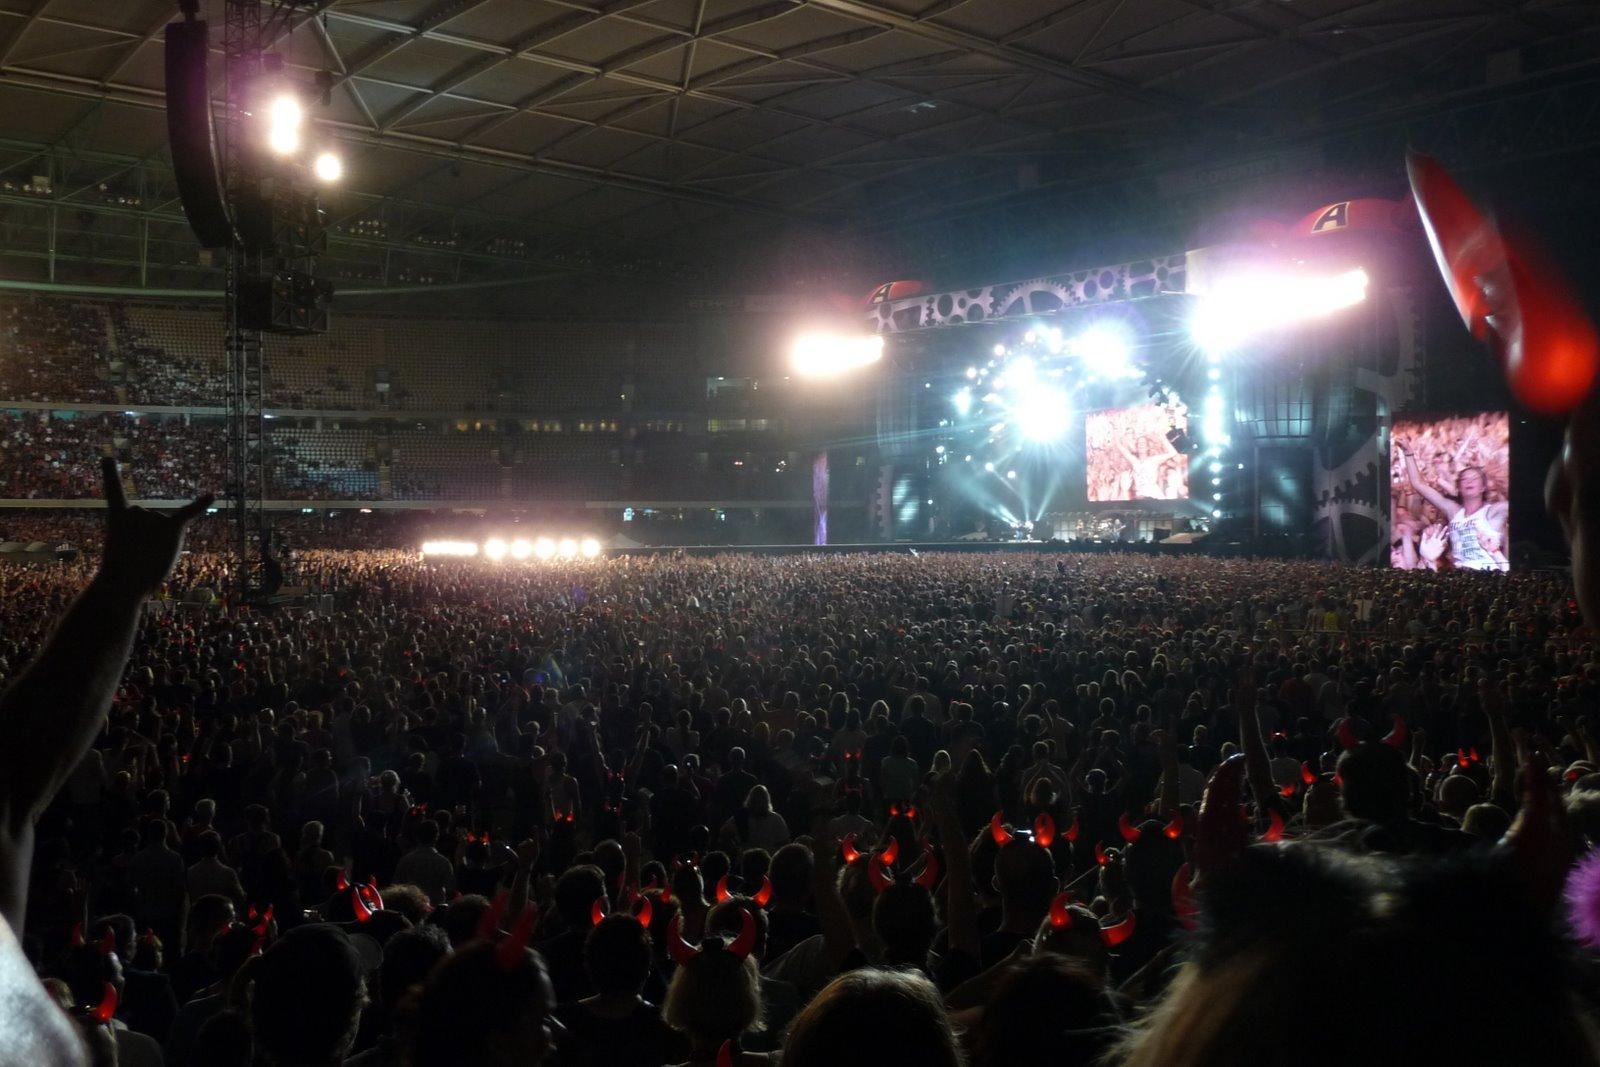 Sean & Andi's Concert Photos: AC/DC @ Etihad Stadium 2010